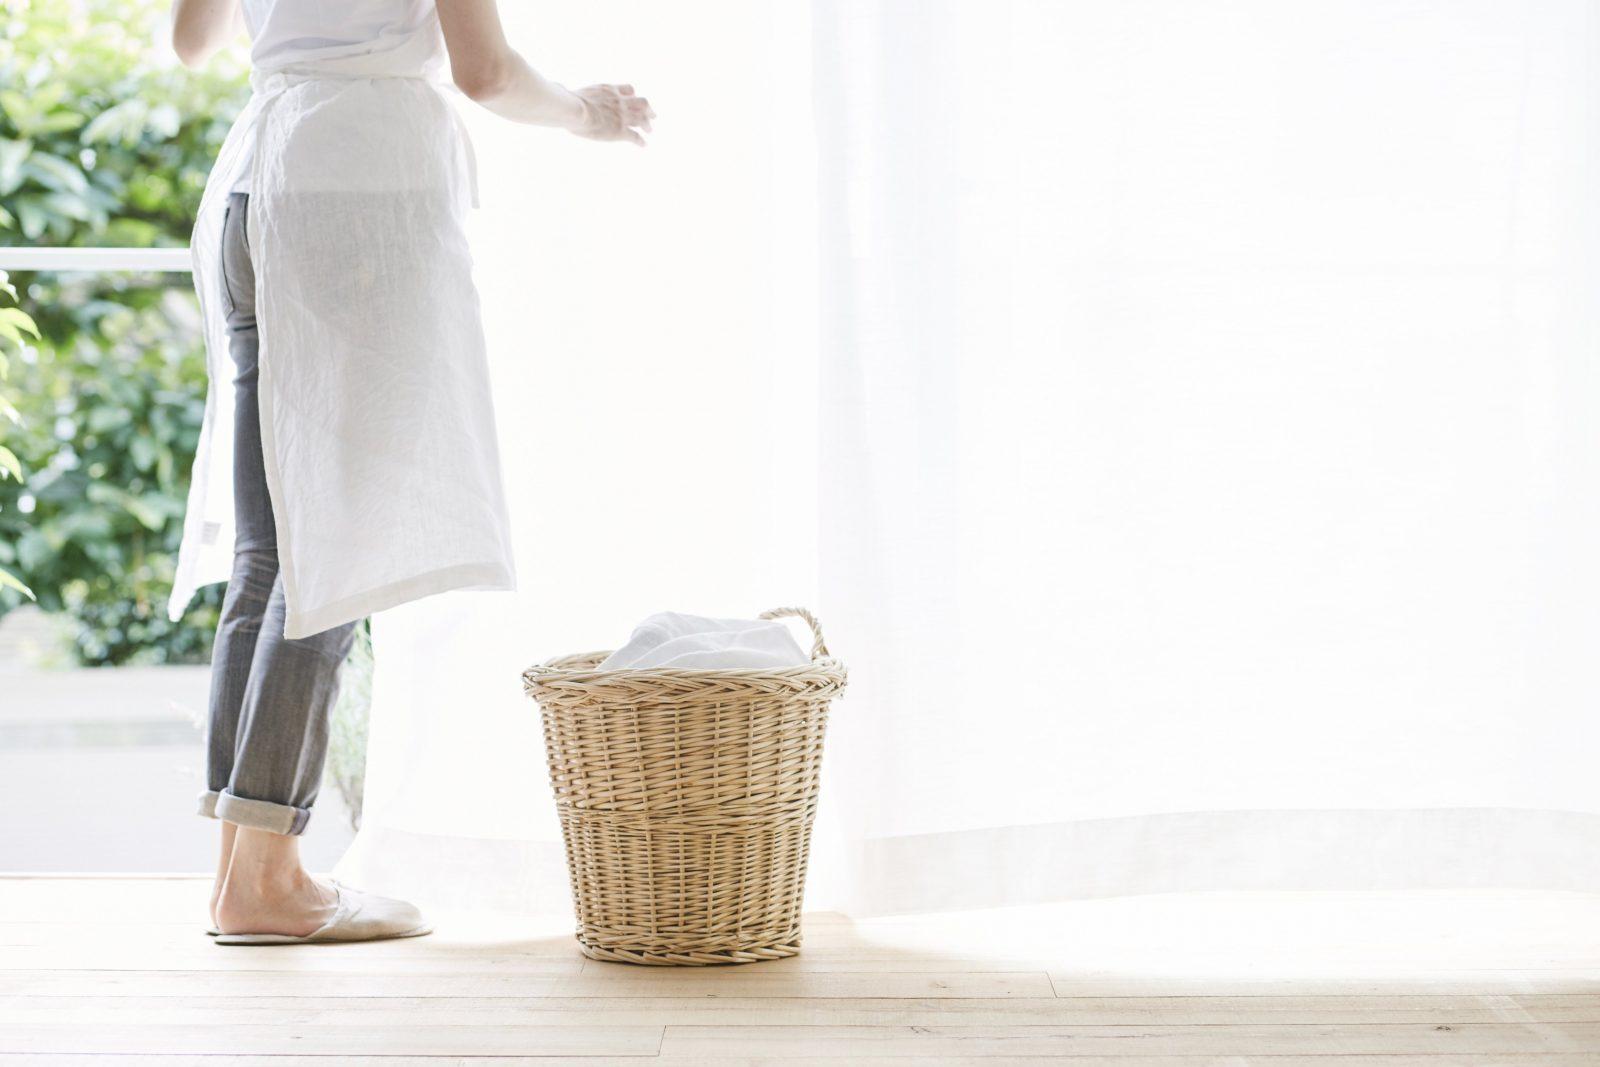 Gardinen Waschen  So Geht's Richtig  Haushaltstipps von Gardinen Waschen Welches Programm Bild